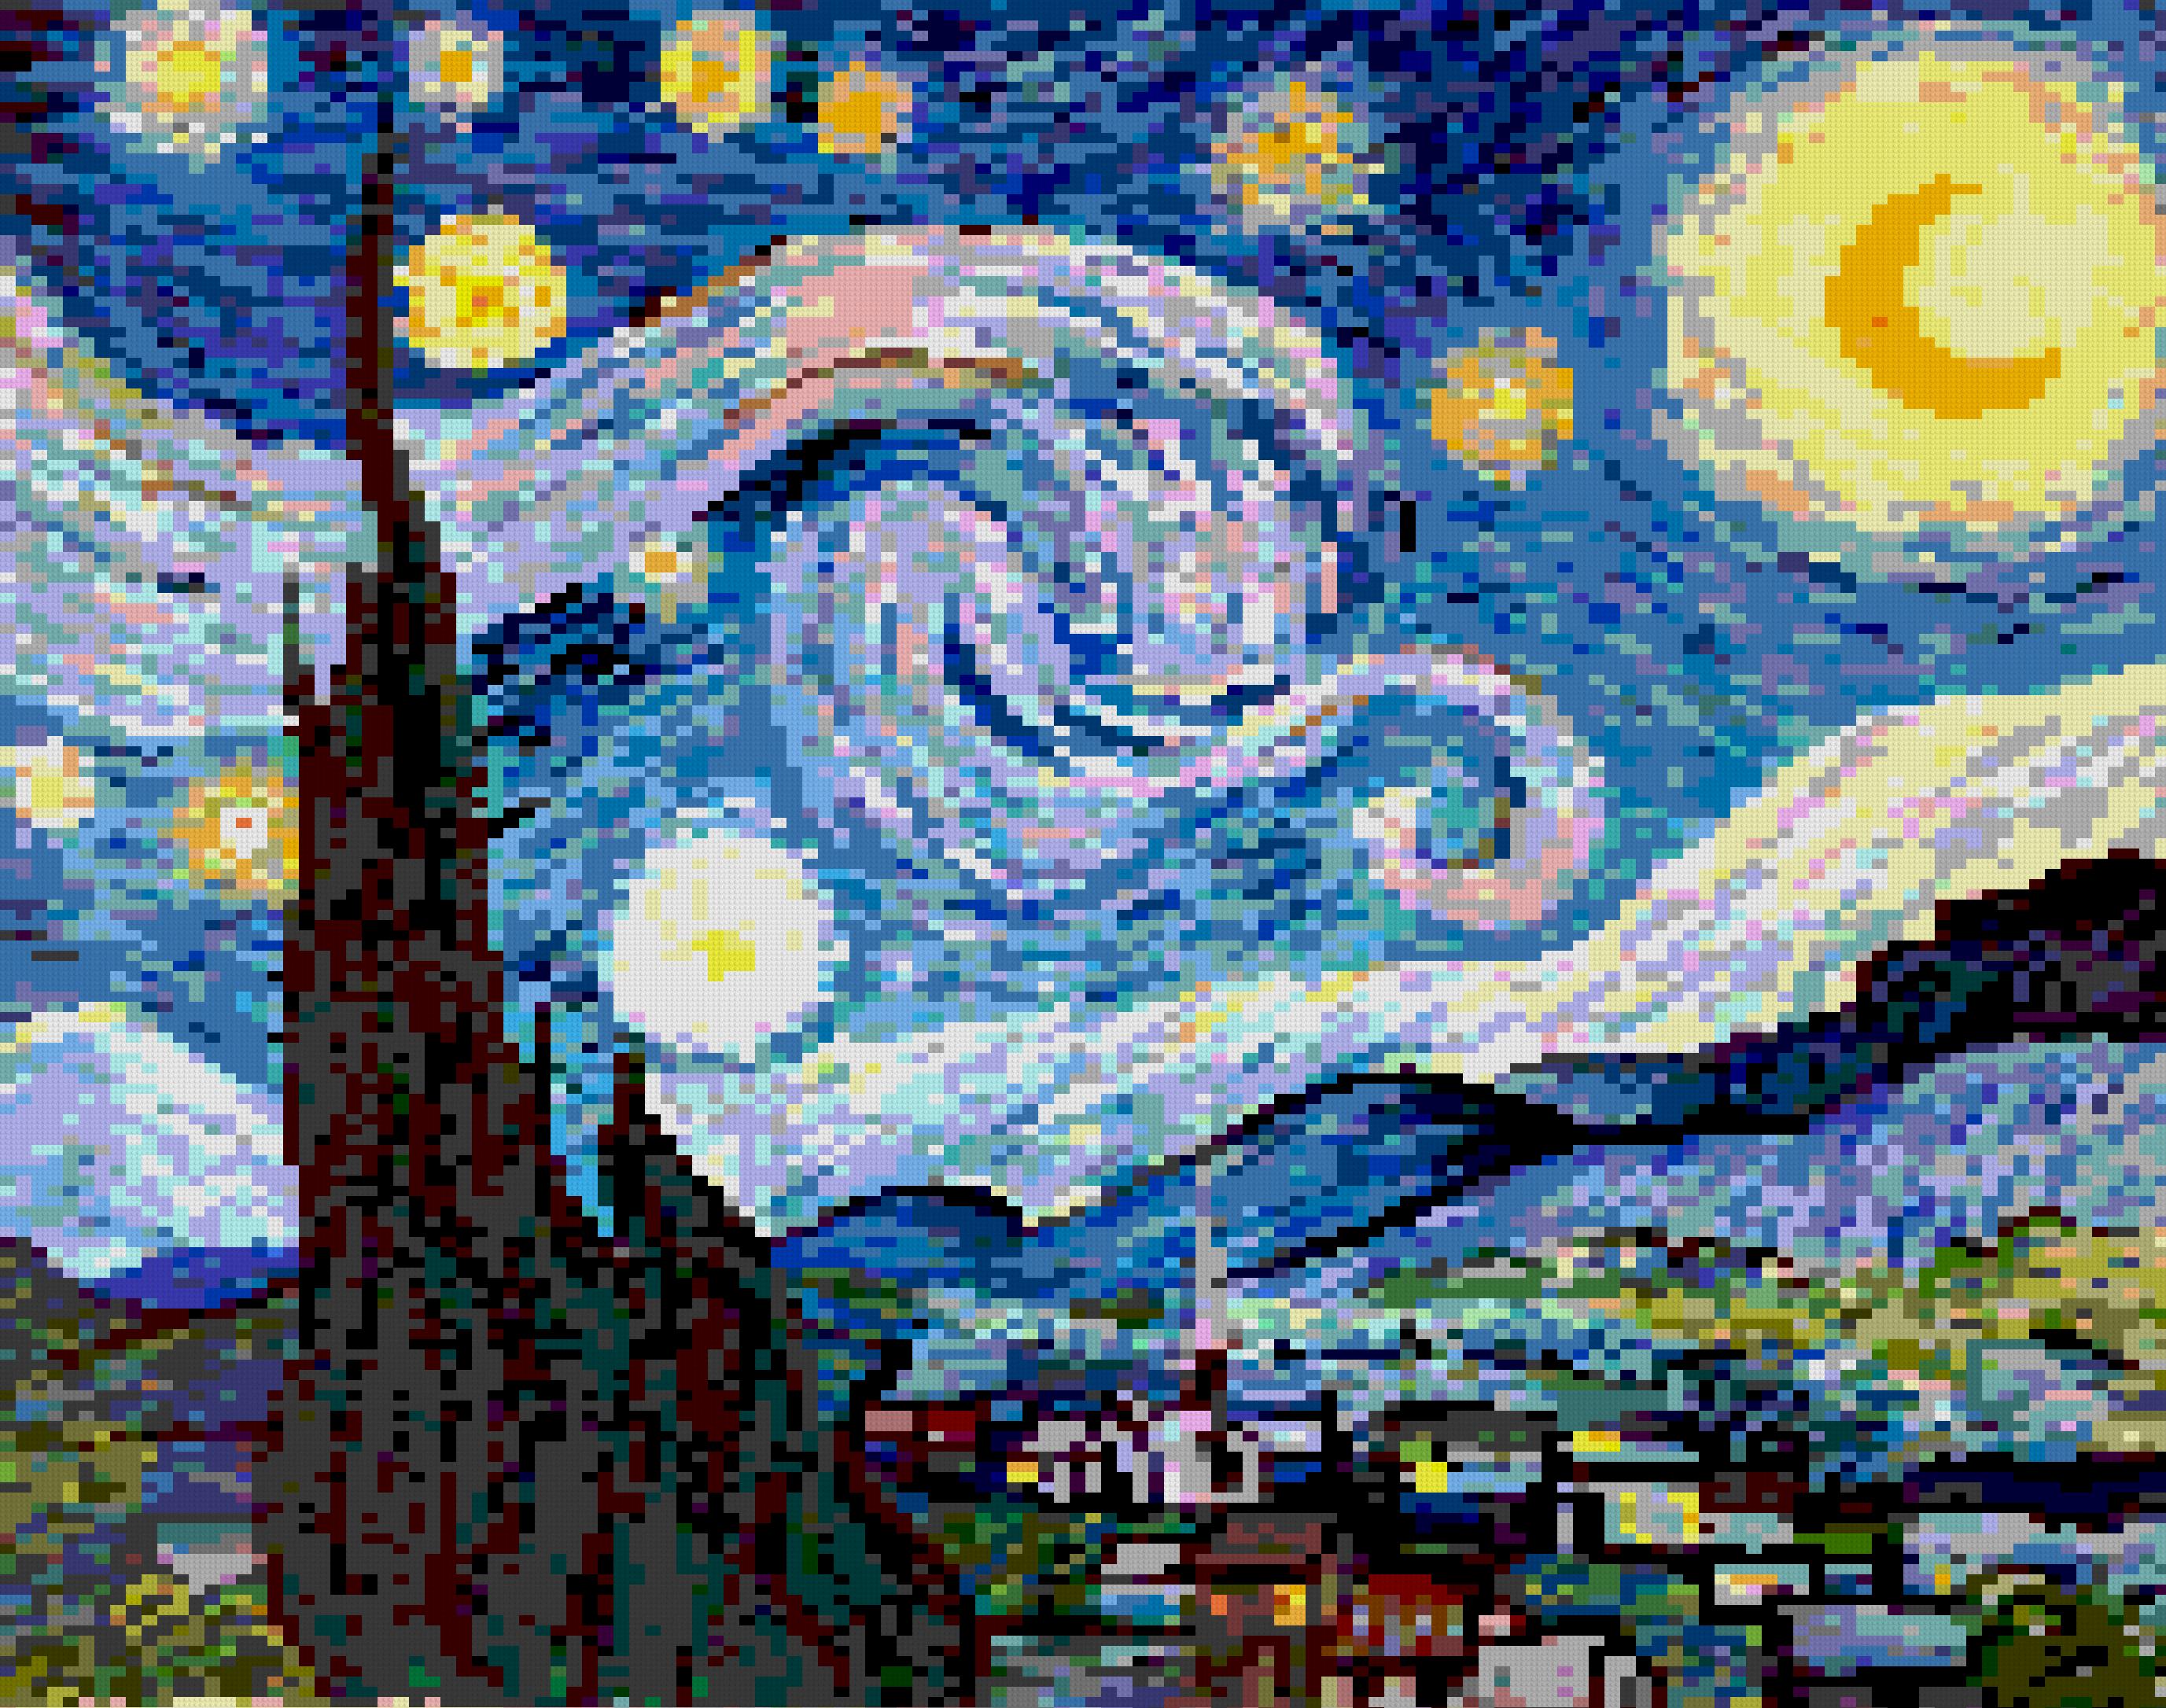 Tiler – Pour générer des images mosaïques avec n'importe quelle forme